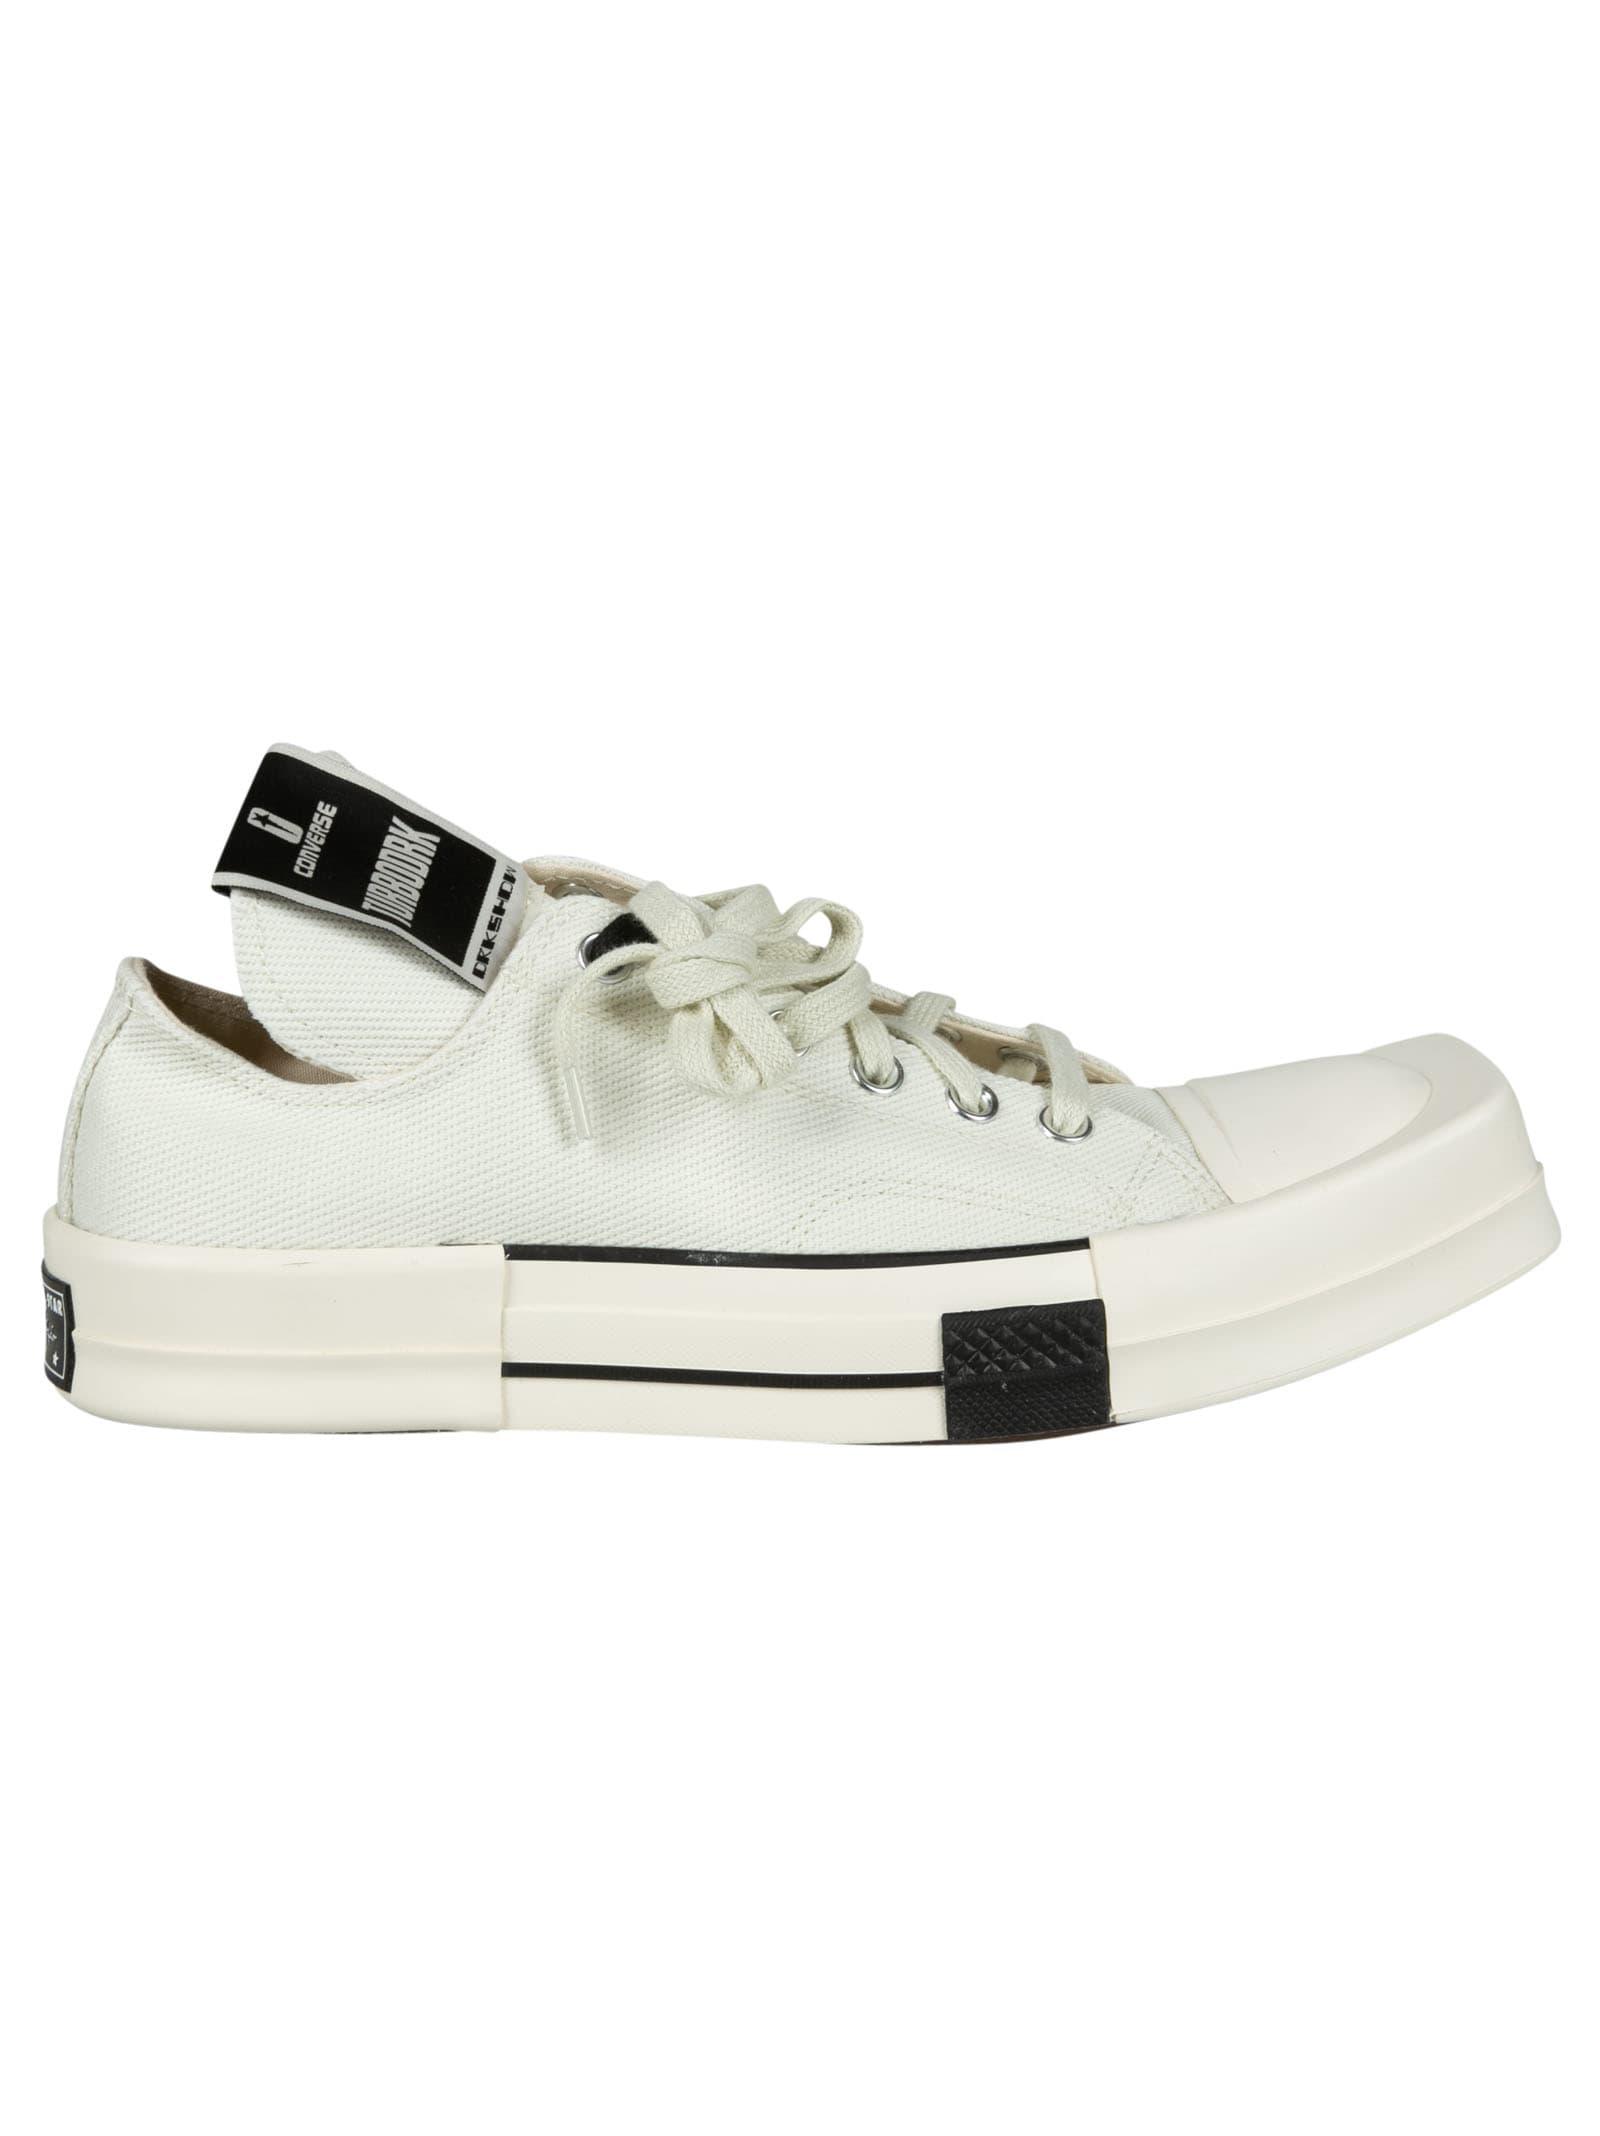 Turbodrk Ox Sneakers